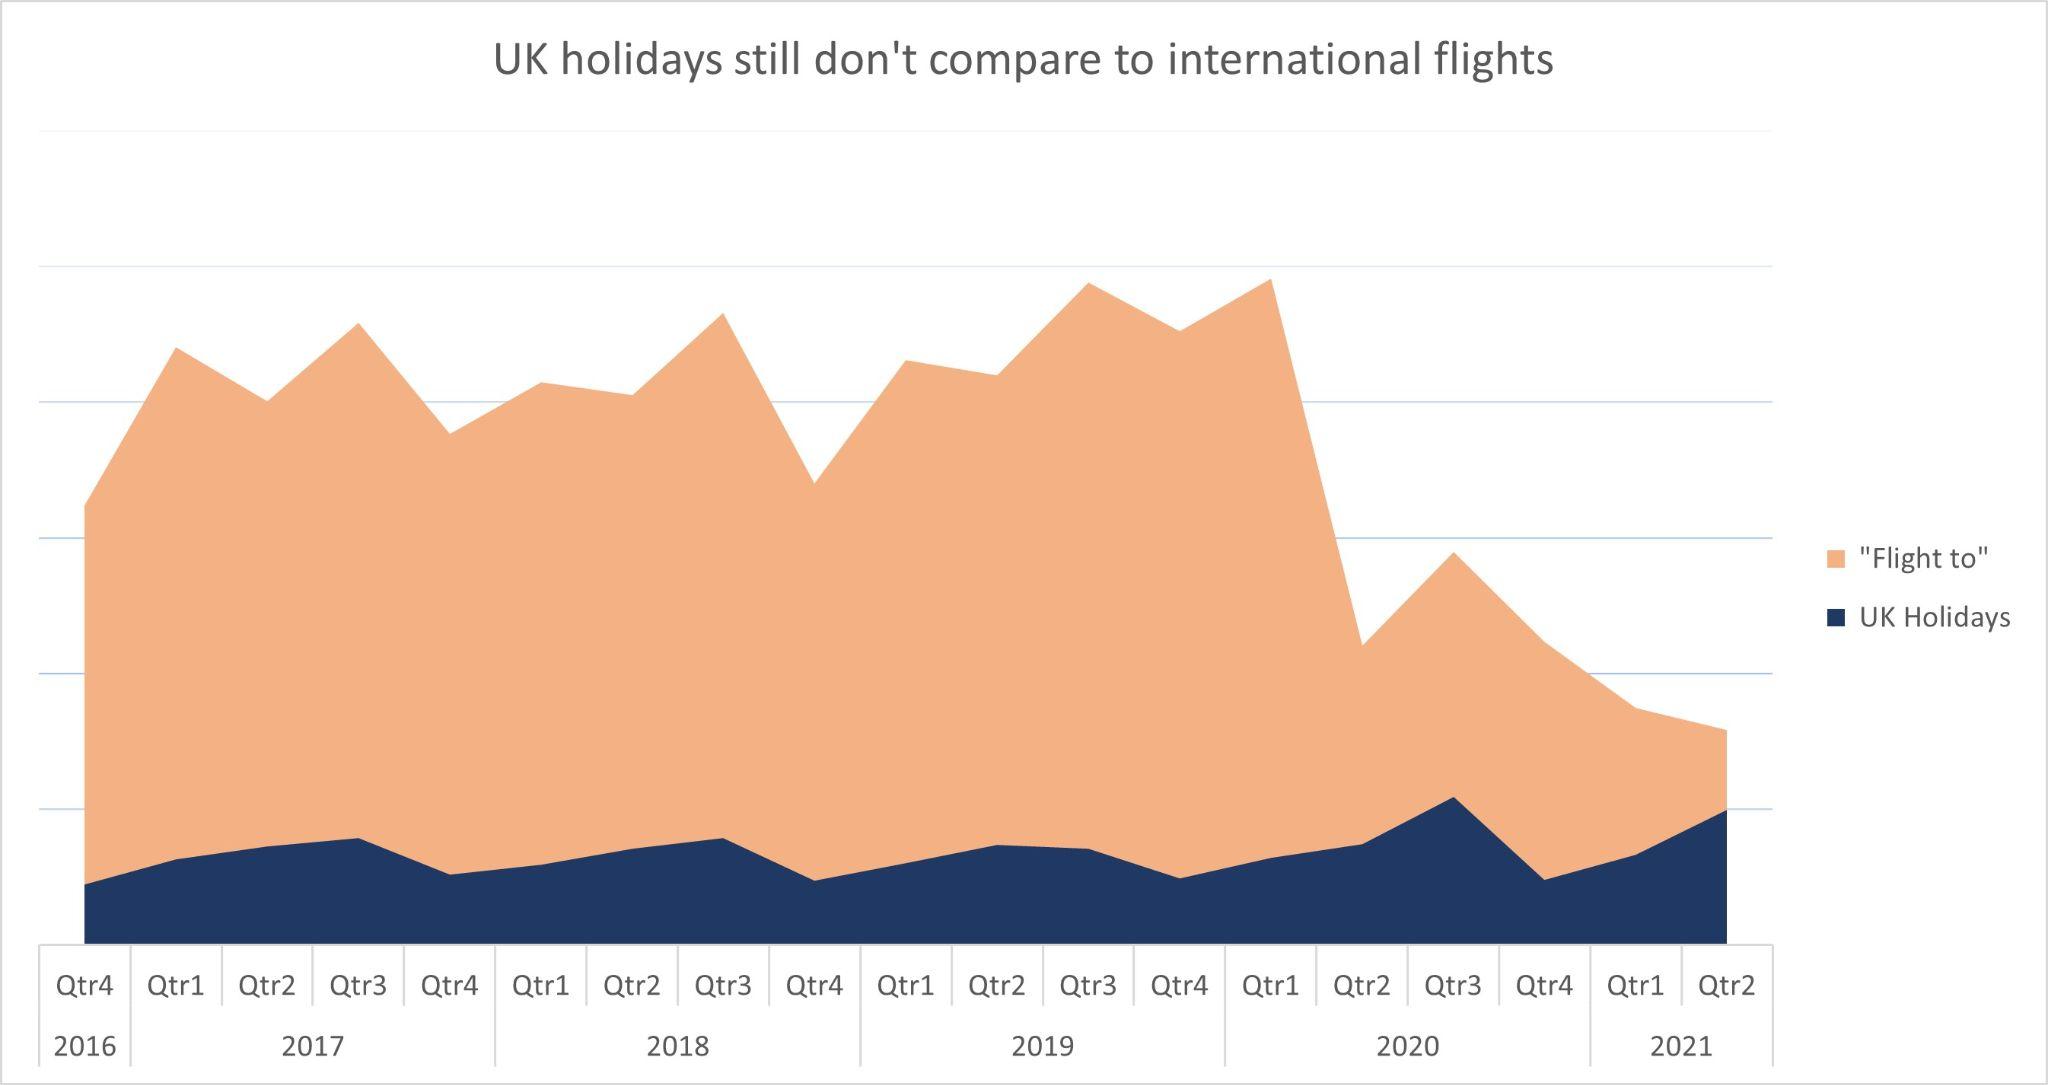 UK holidays still don't compare to international flights